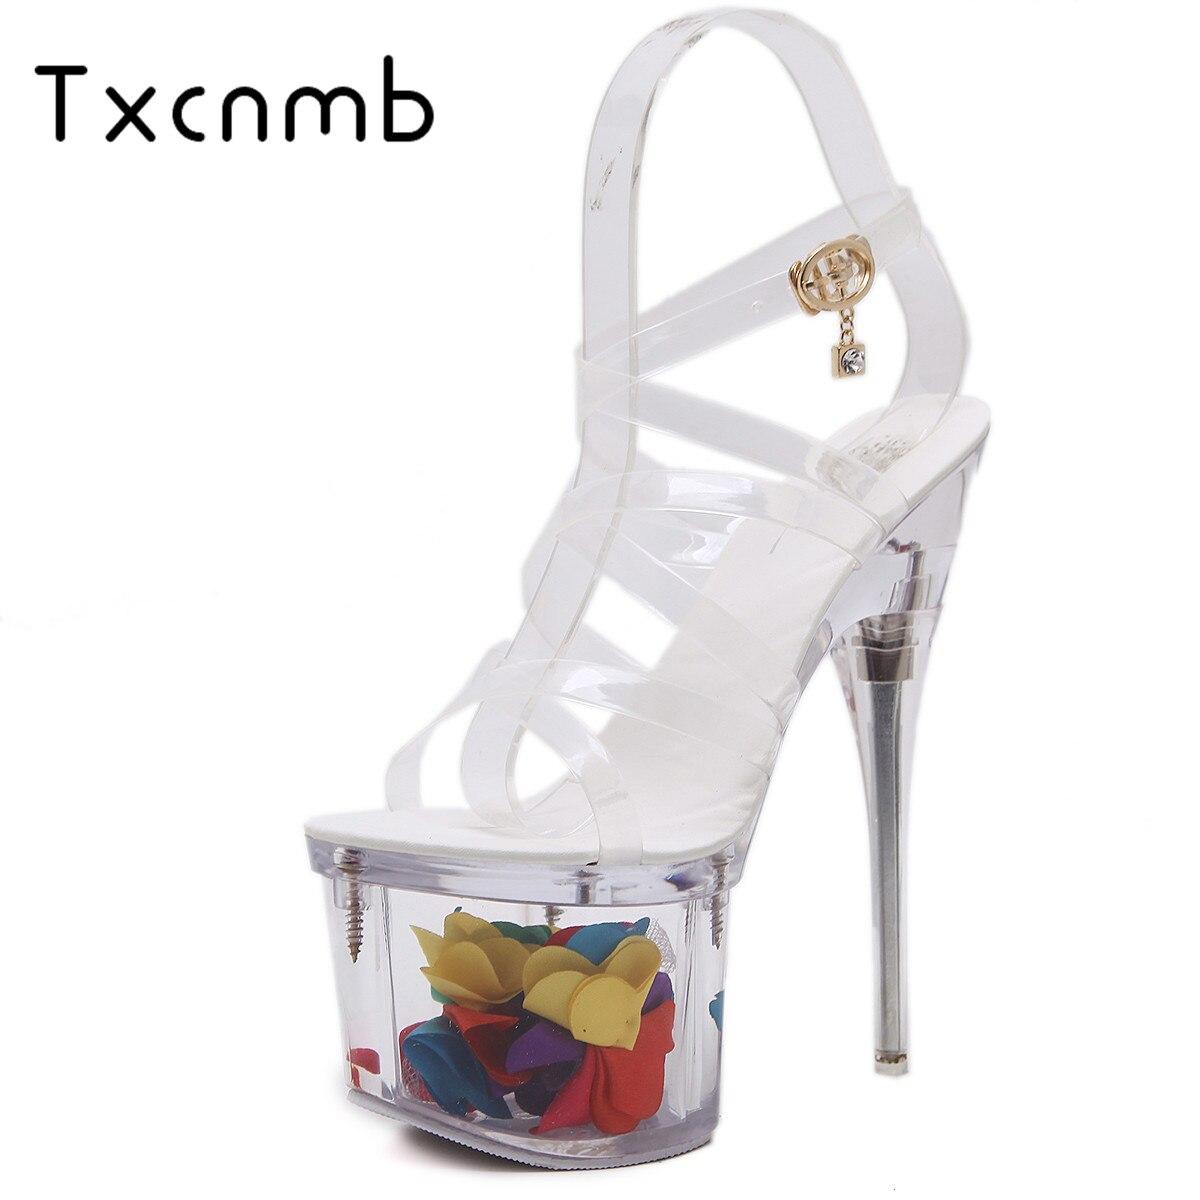 Dames Pvc forme De Sandales Bal Transparent Hauts D'été 2019 Super Talons Partie Plate Chaussures Blanc Femmes Txcnmb Nouveauté wpU1ZWqHx